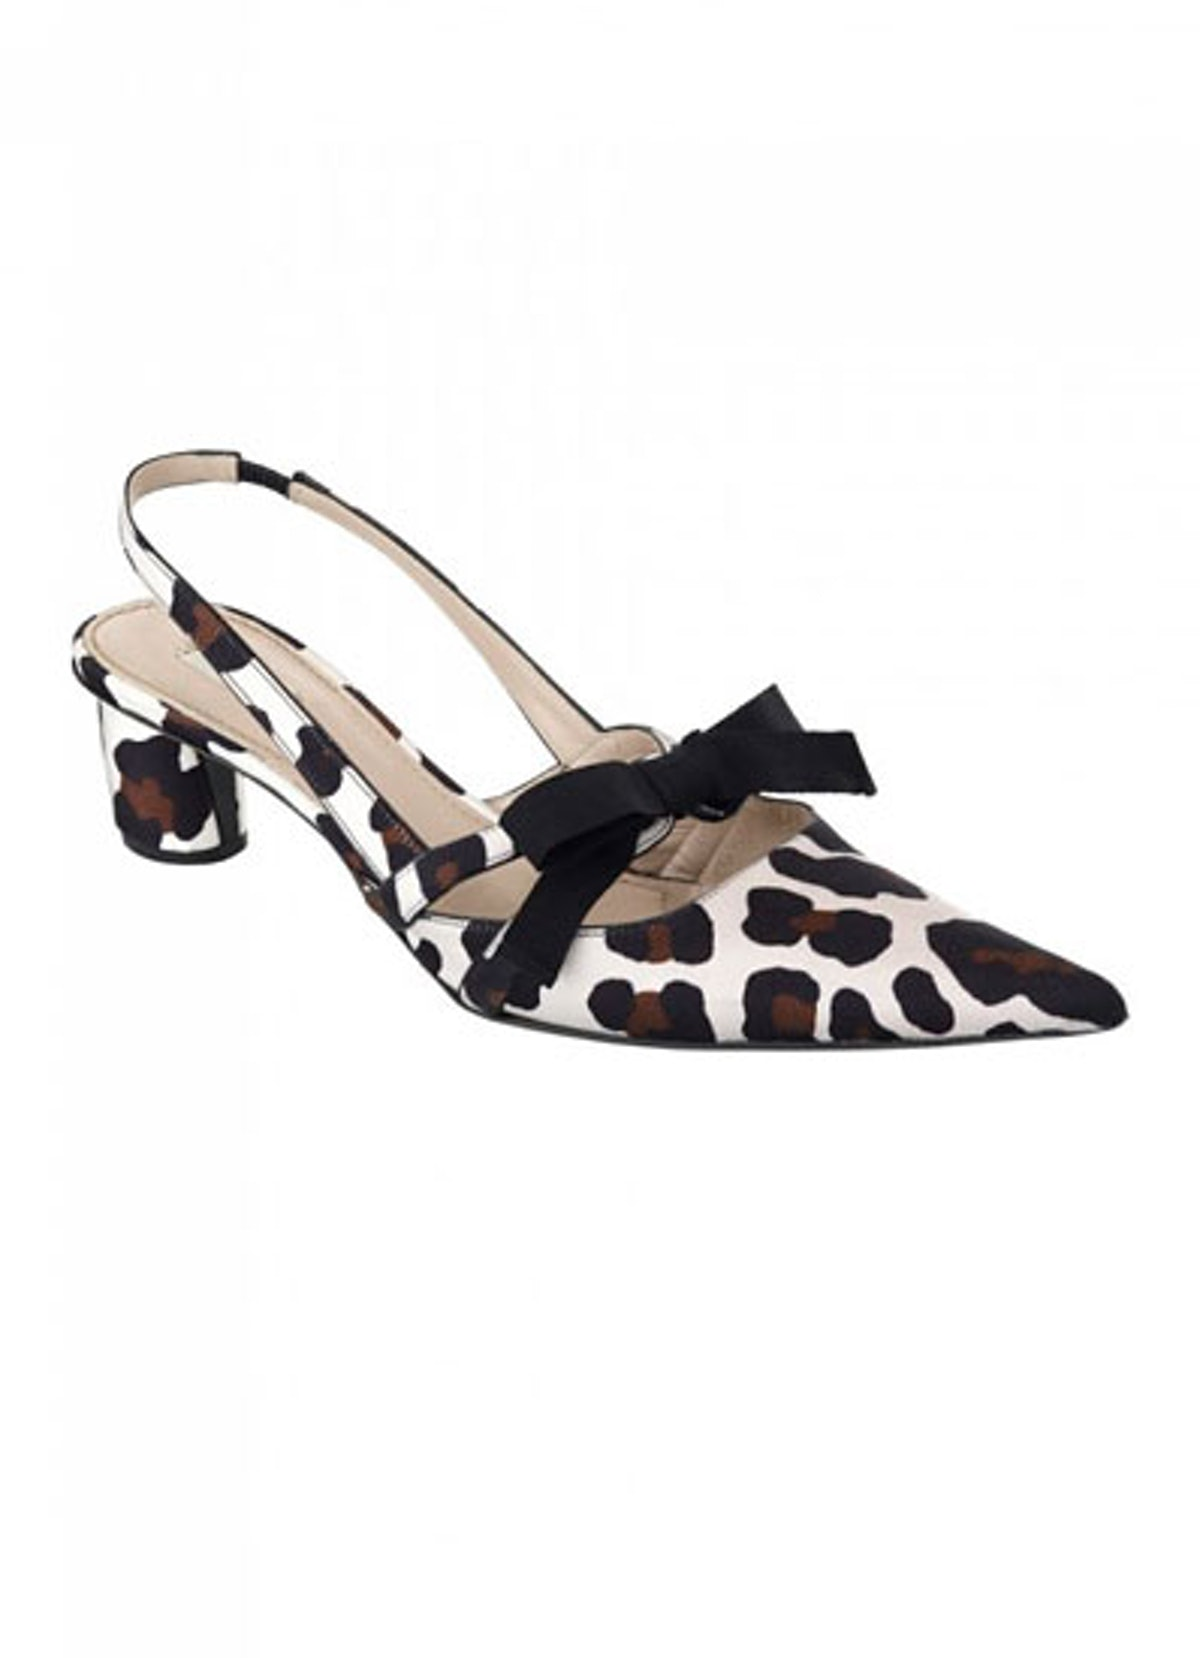 acss-kitten-heels-trend-04-v.jpg